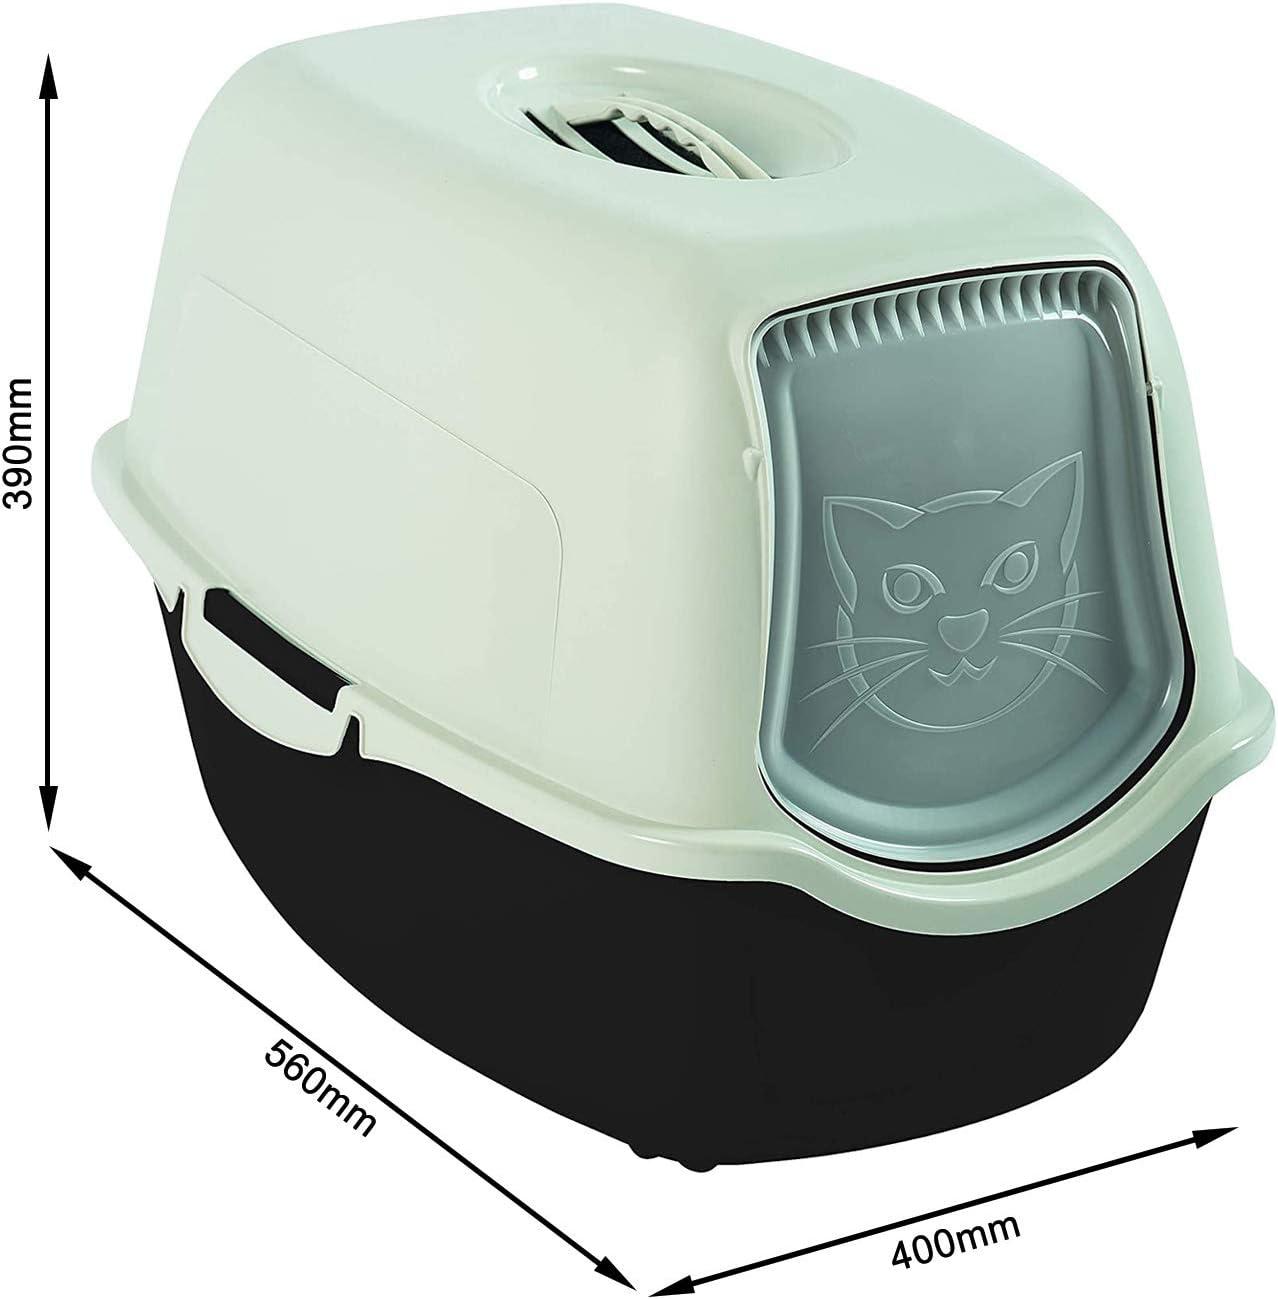 Rotho Bailey, Caja de arena con capucha y solapa, Plástico PP sin BPA, blanco y negro, 56.0 x 40.0 x 39.0 cm